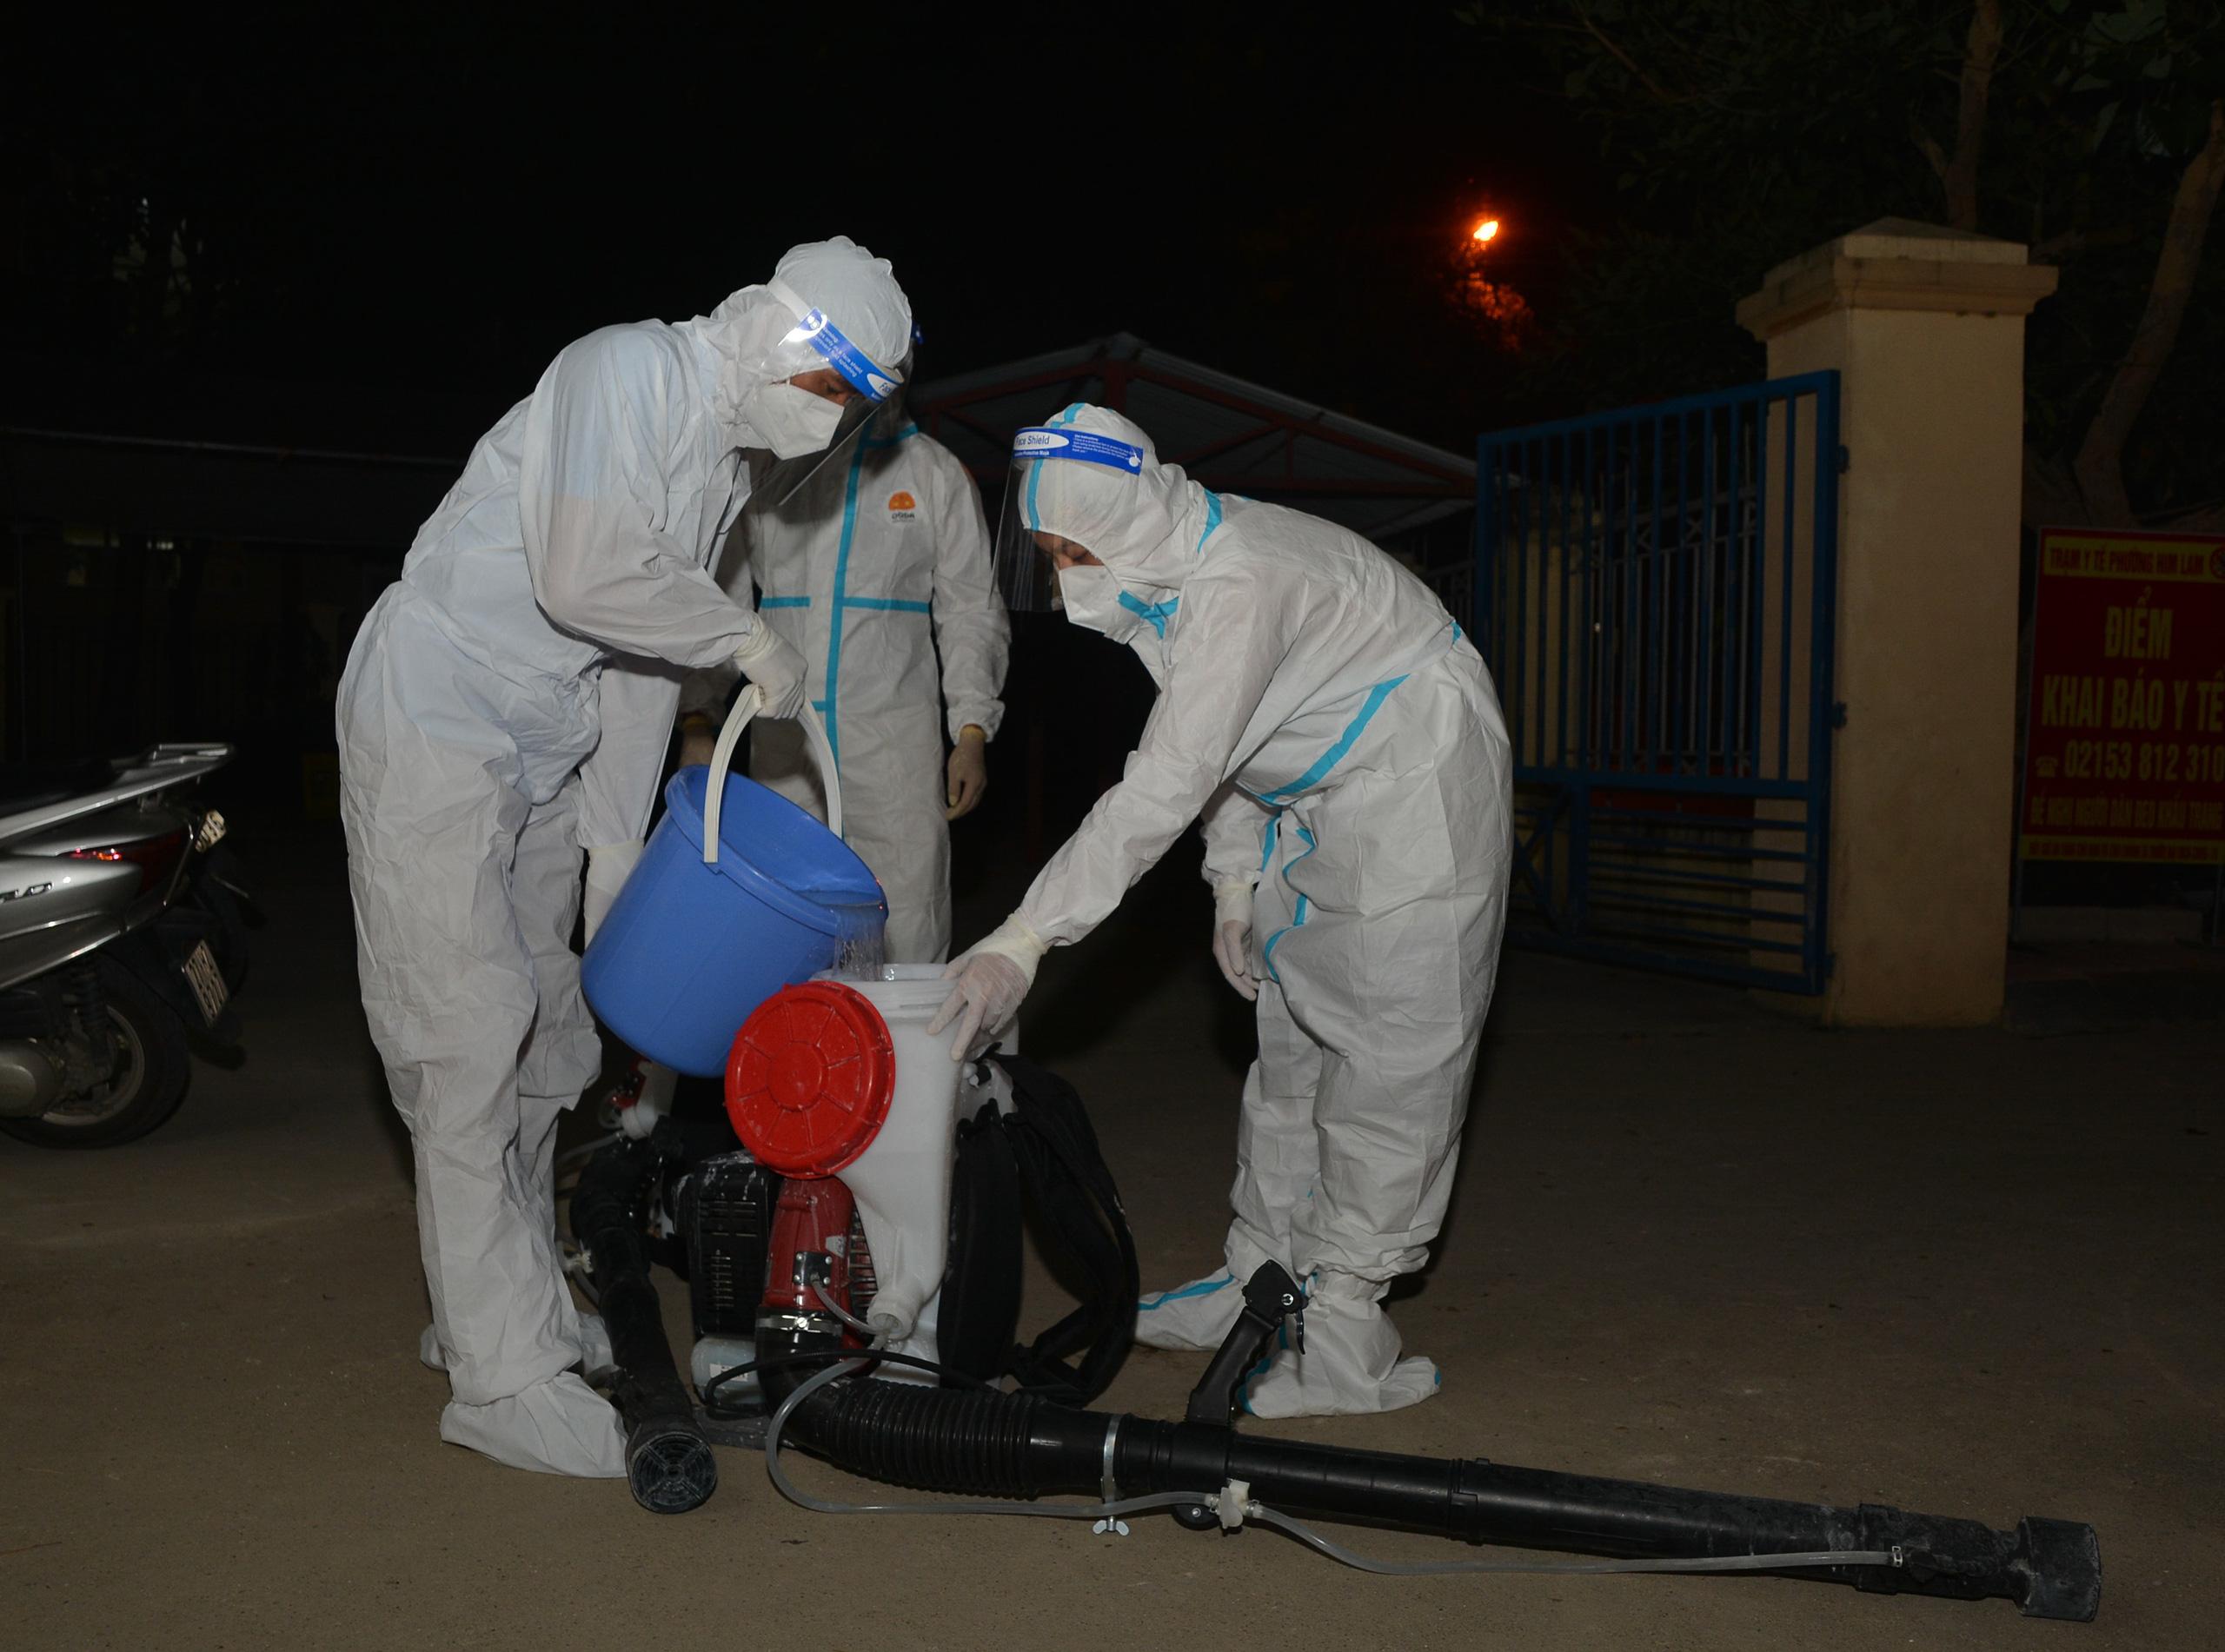 Điện Biên: Trắng đêm phun khử khuẩn phòng dịch Covid-19 - Ảnh 7.